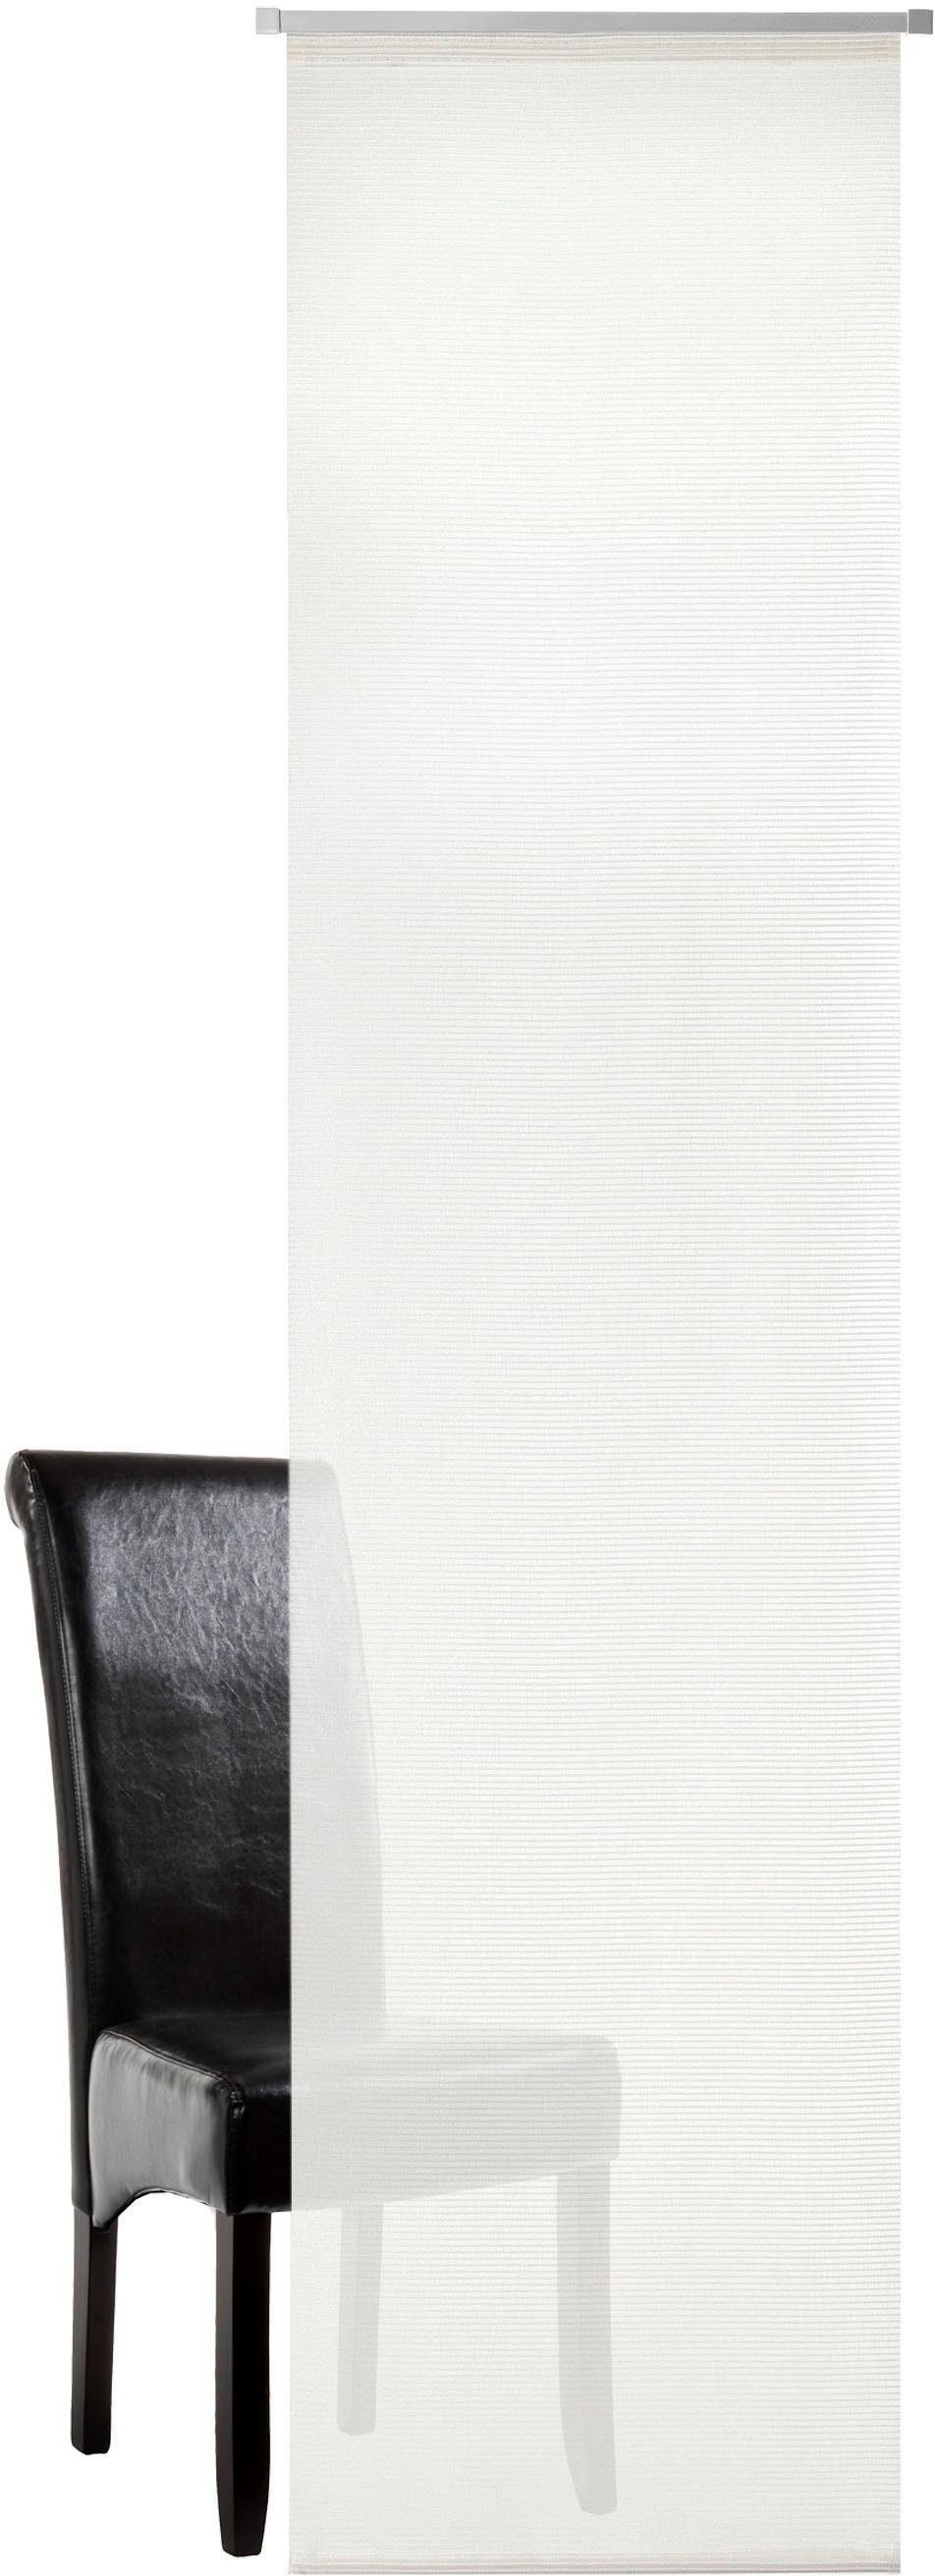 Vorhang »Torben«, DEKO TRENDS, Paneelwagen (1 Stück), Schiebevorhang mit Alupaneelwagen